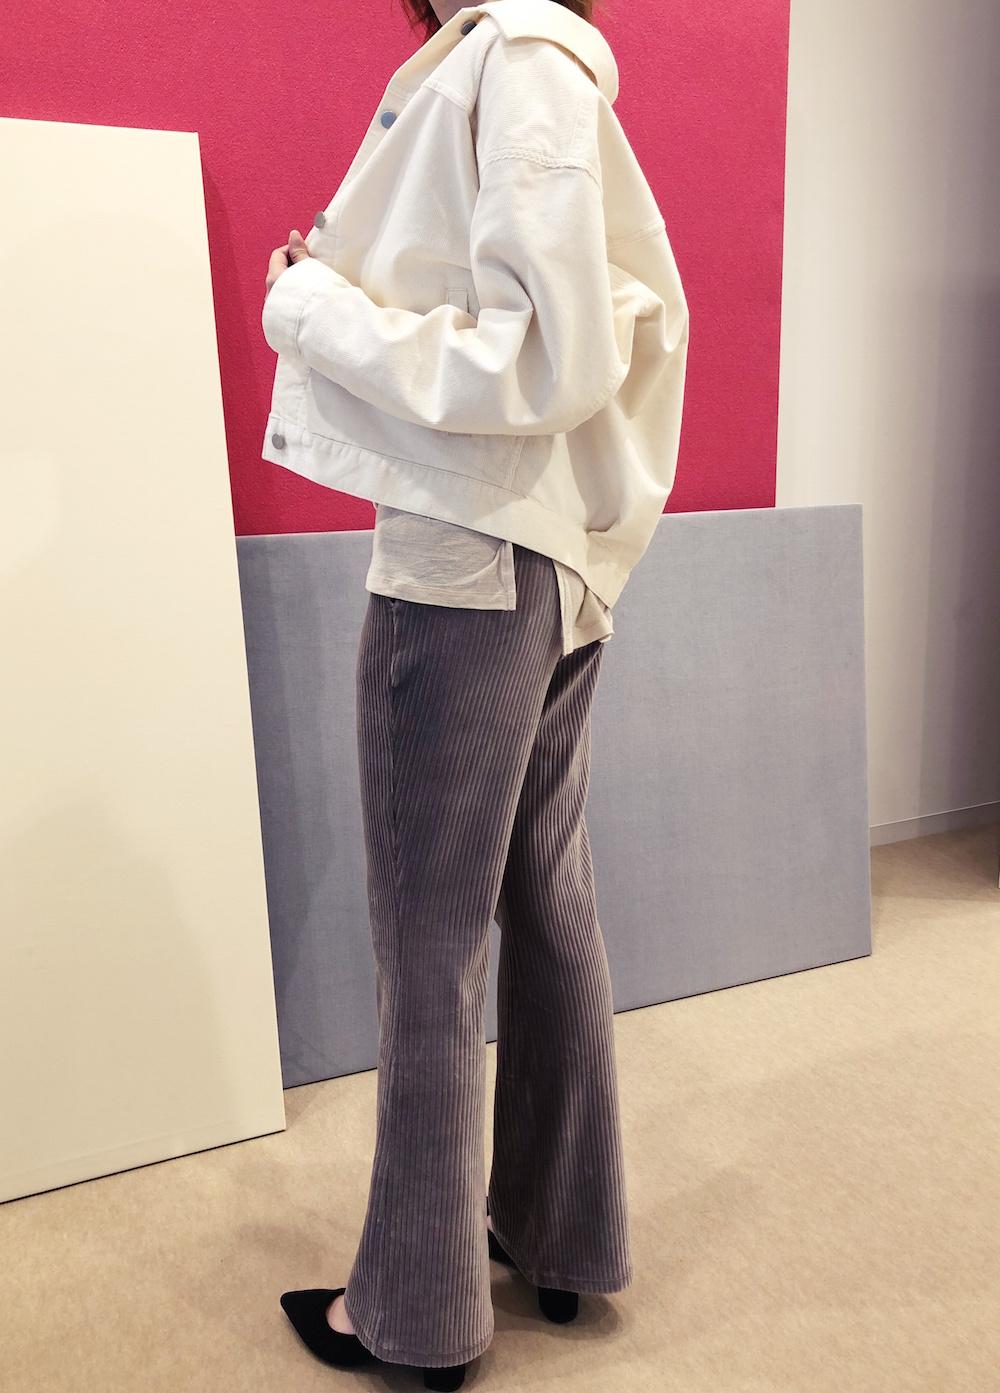 『仮面ライダーゼロワン』で注目の、井桁弘恵が魅せるブラウンコーデがヒット!【今週のファッション人気ランキング】_1_2